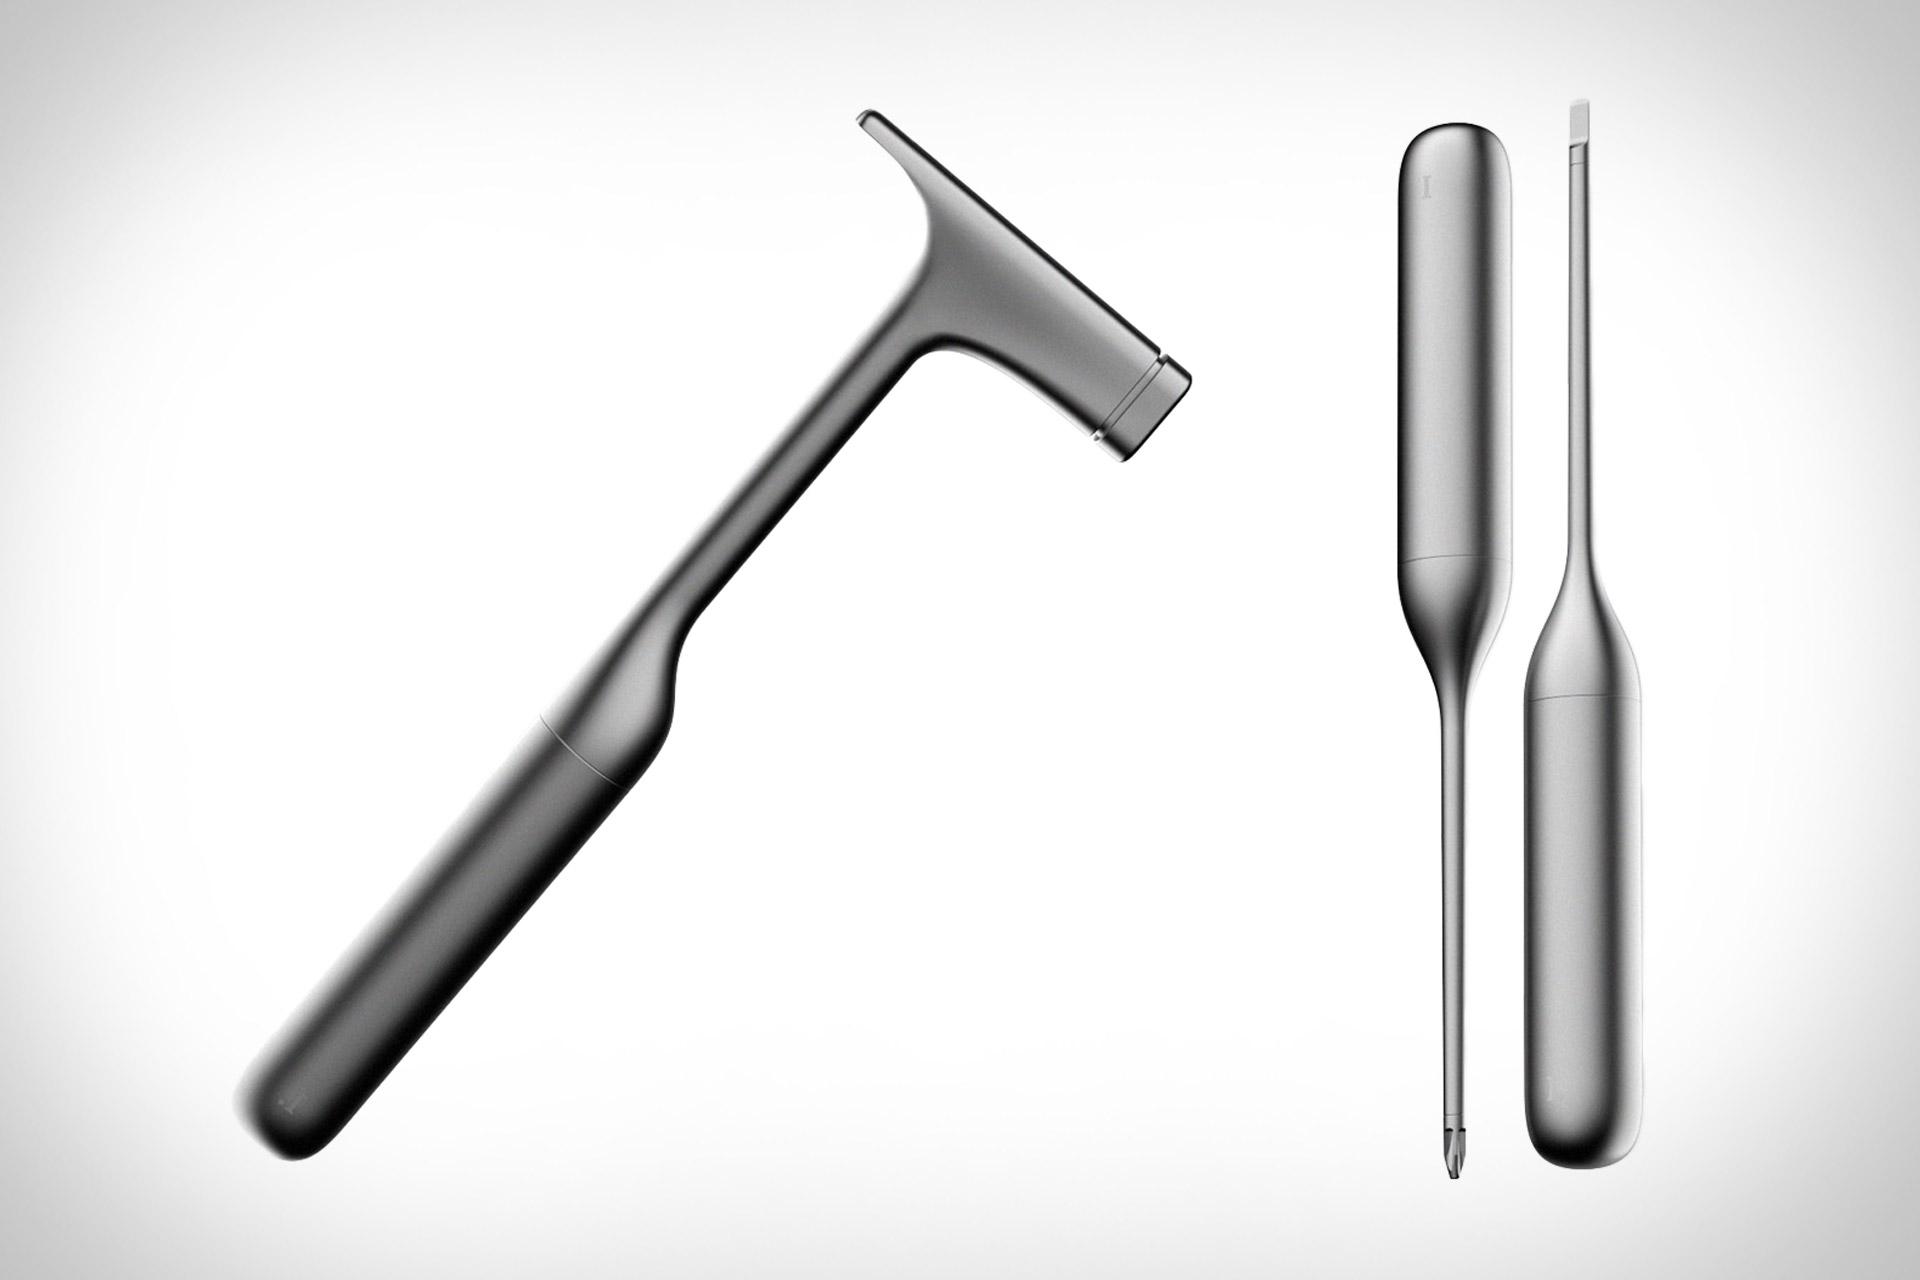 Instrumentum Concept Tools